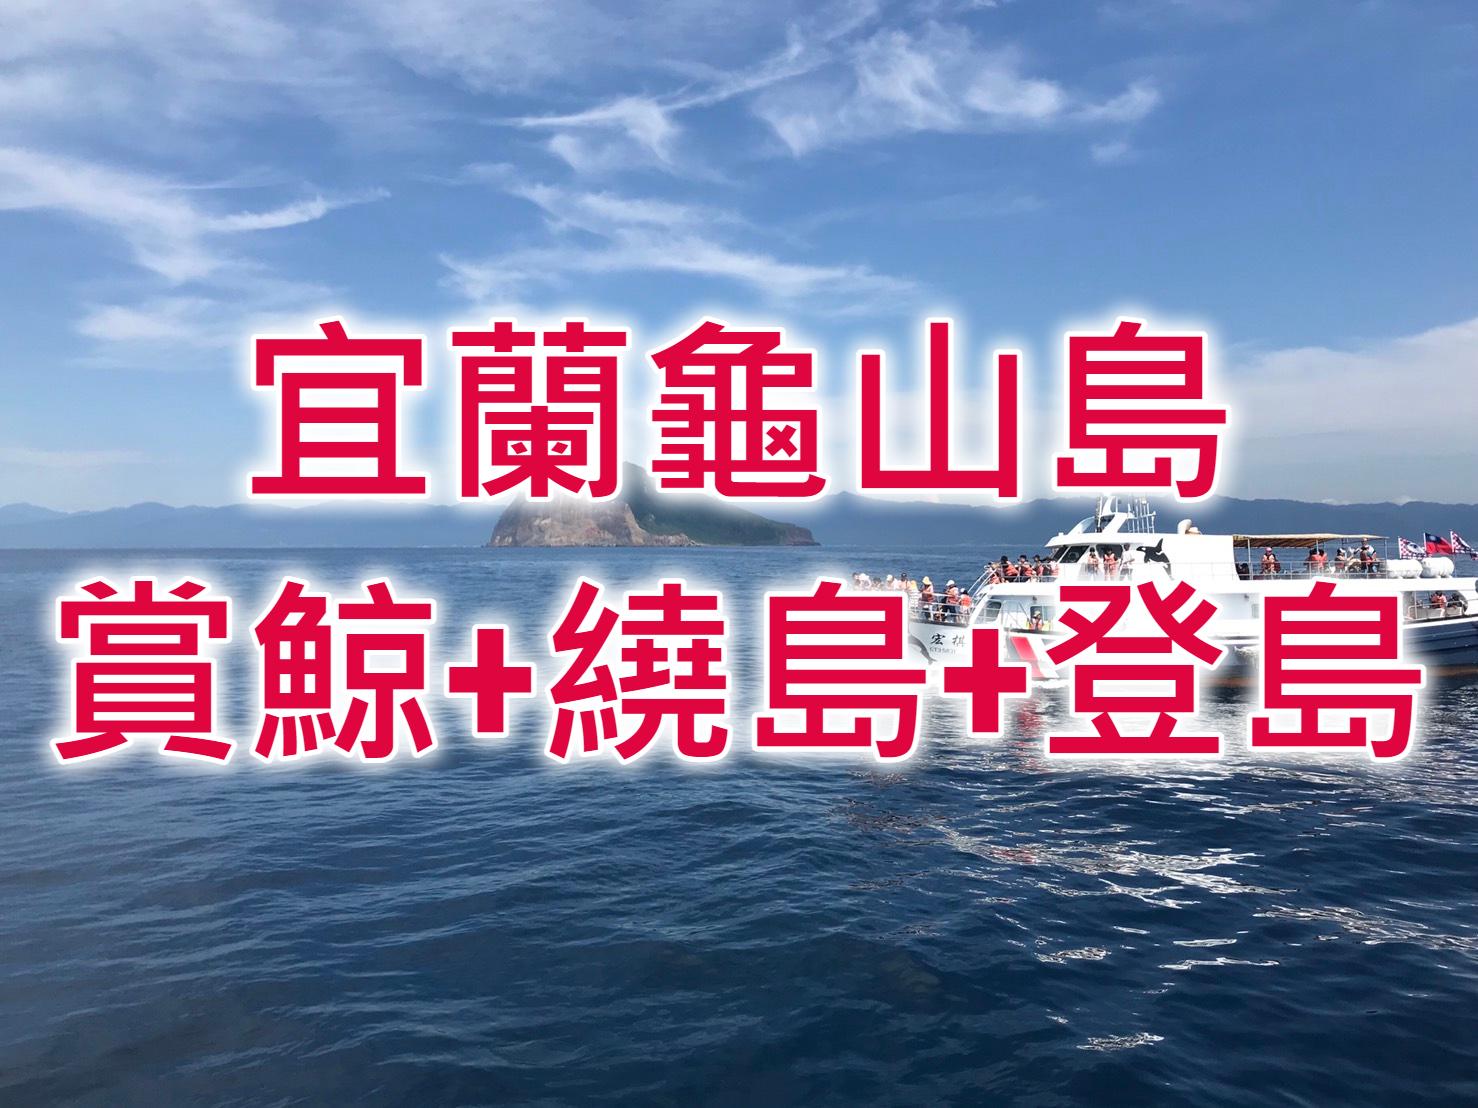 🐳【2021龜山島登島】宜蘭賞鯨豚一日遊 三合一賞鯨繞島登島船票+台北⇔烏石港車票(ILN53)